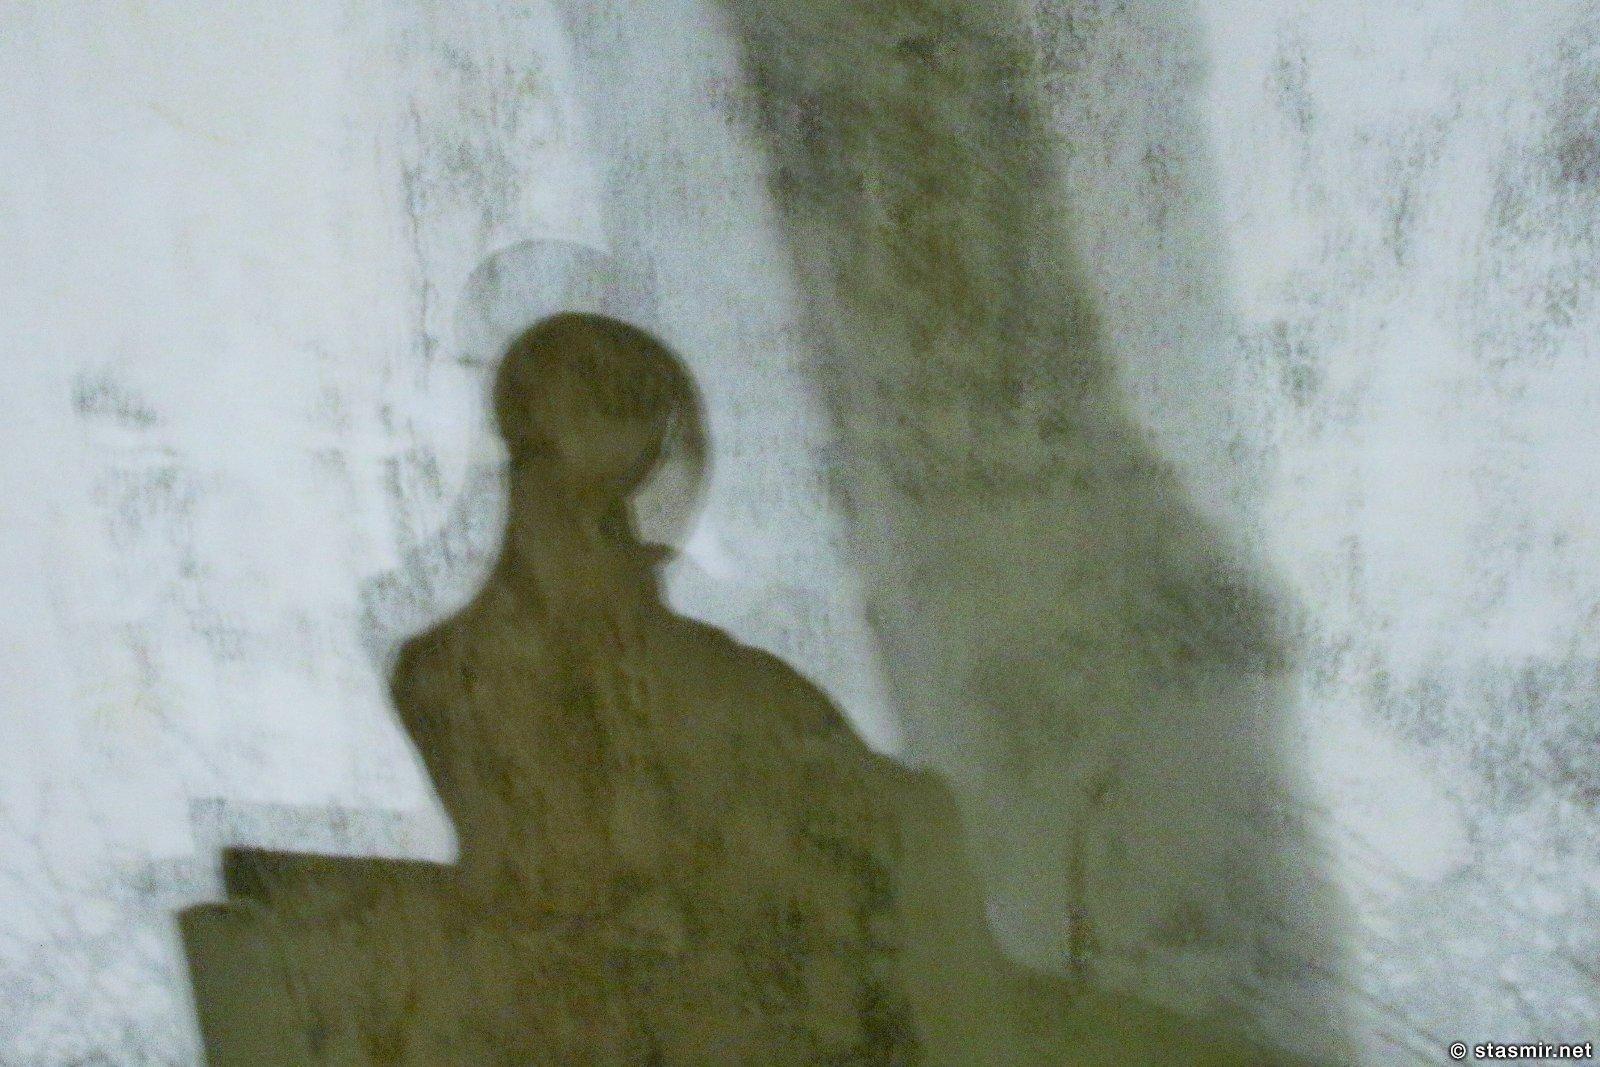 музей Эйнара Йоунссона, Рейкьявик, Исландия, Скульптура, Photo Stasmir, фото Стасмир